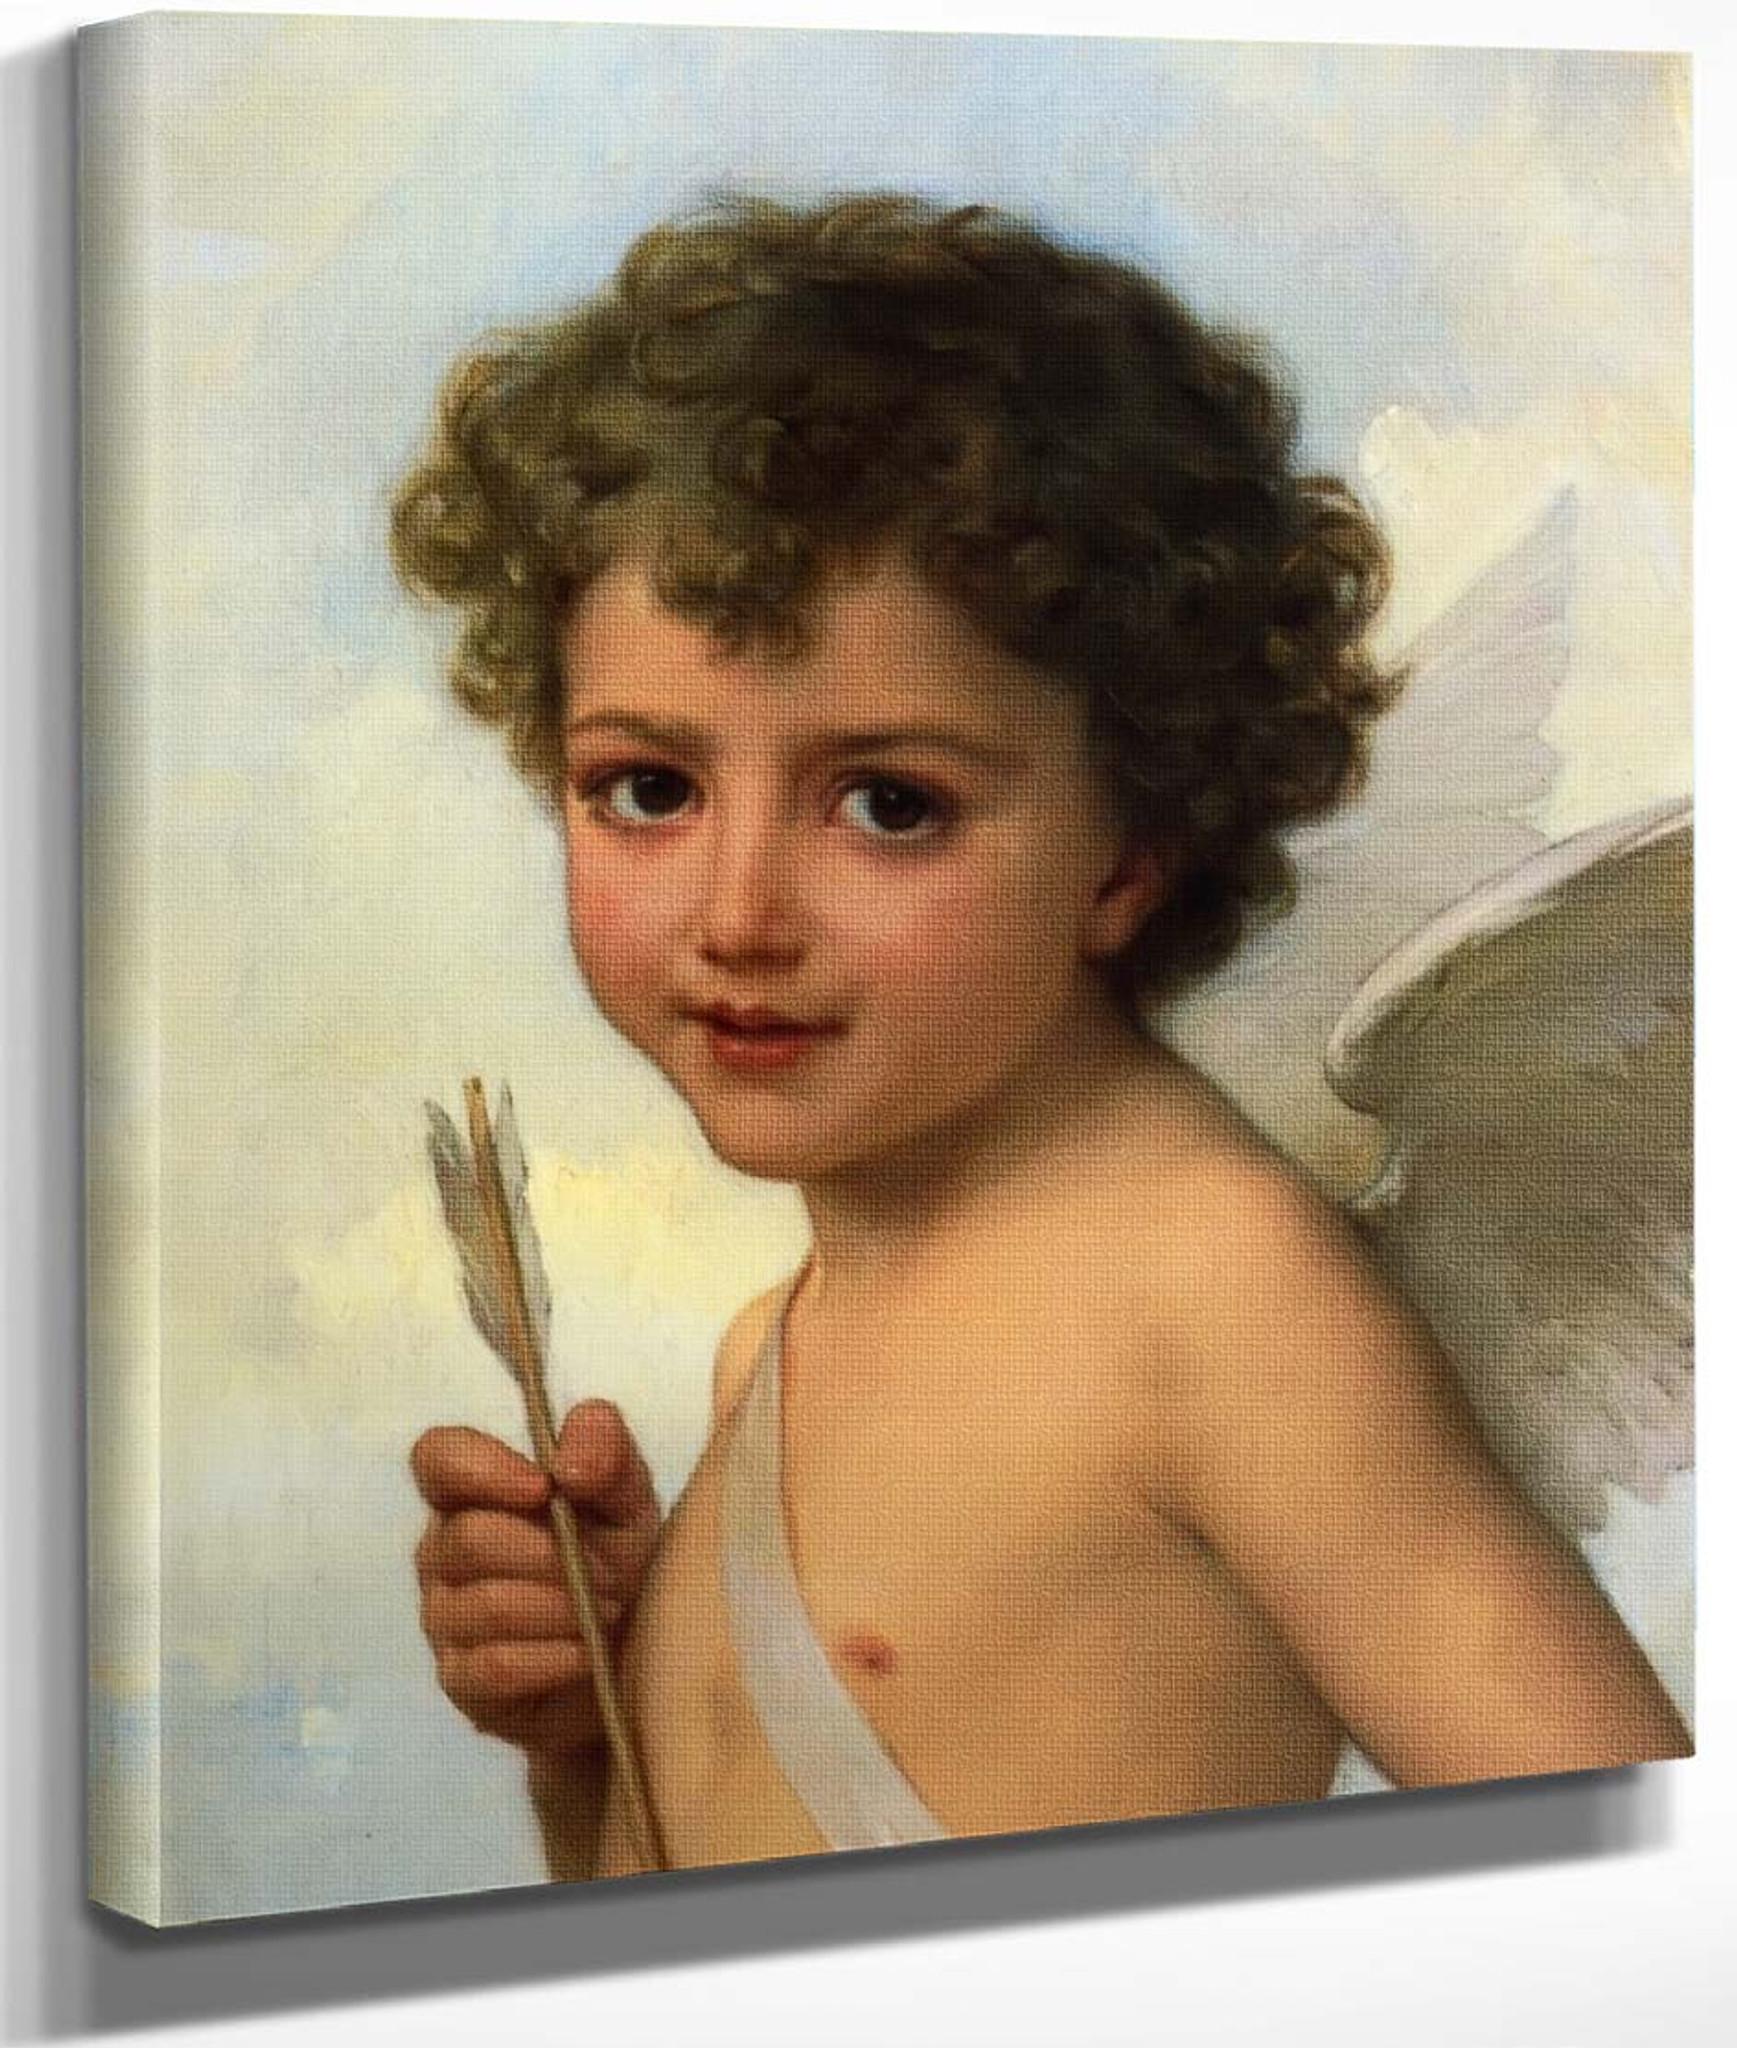 """/""""Cupid Children/"""" by Emile Munier"""